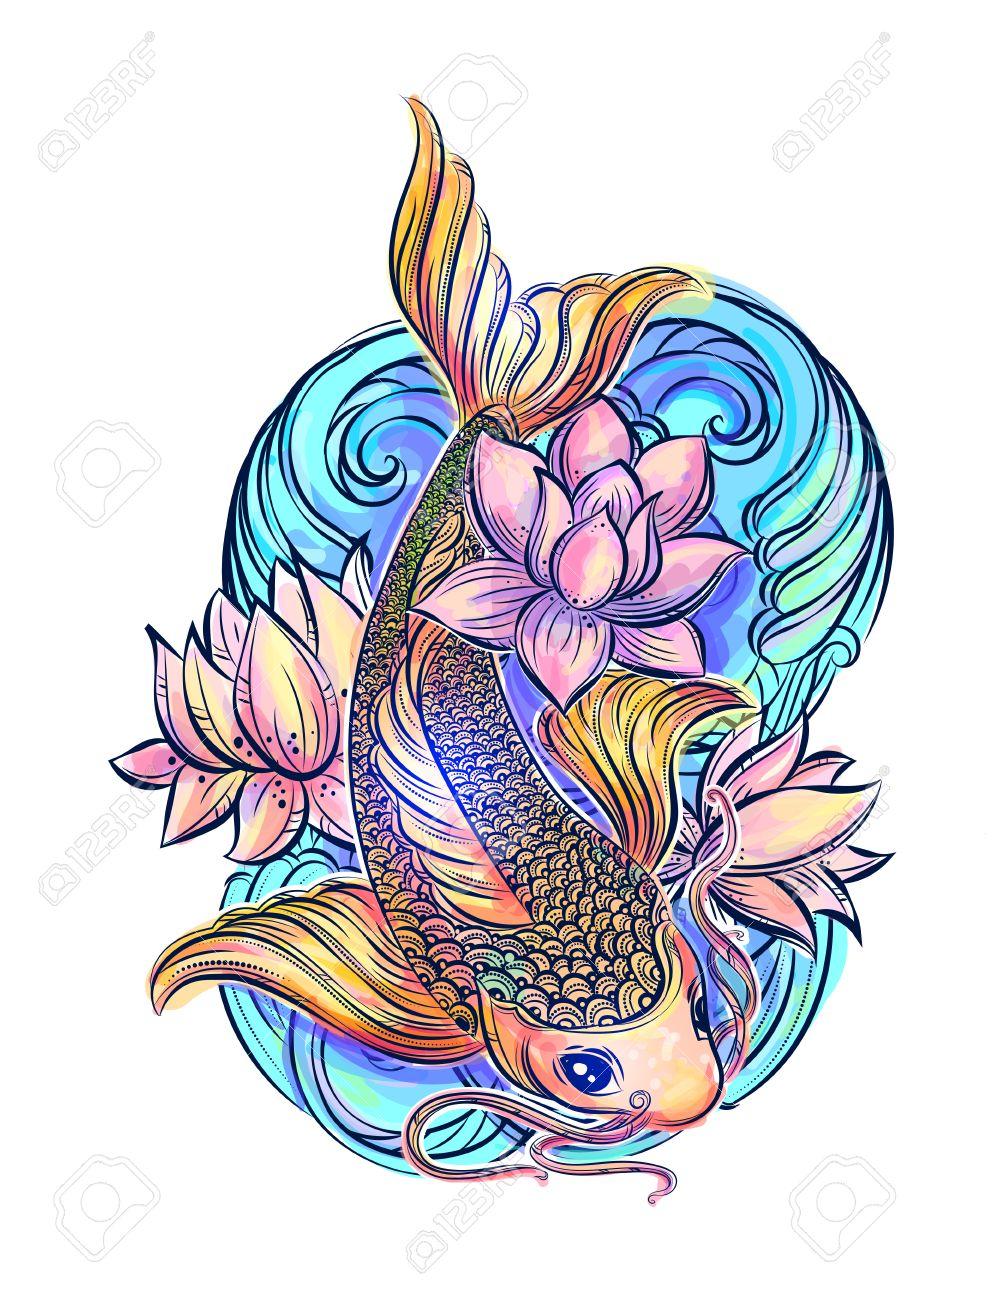 dibujado a mano smbolos de asia la carpa koi colorido con loto y las